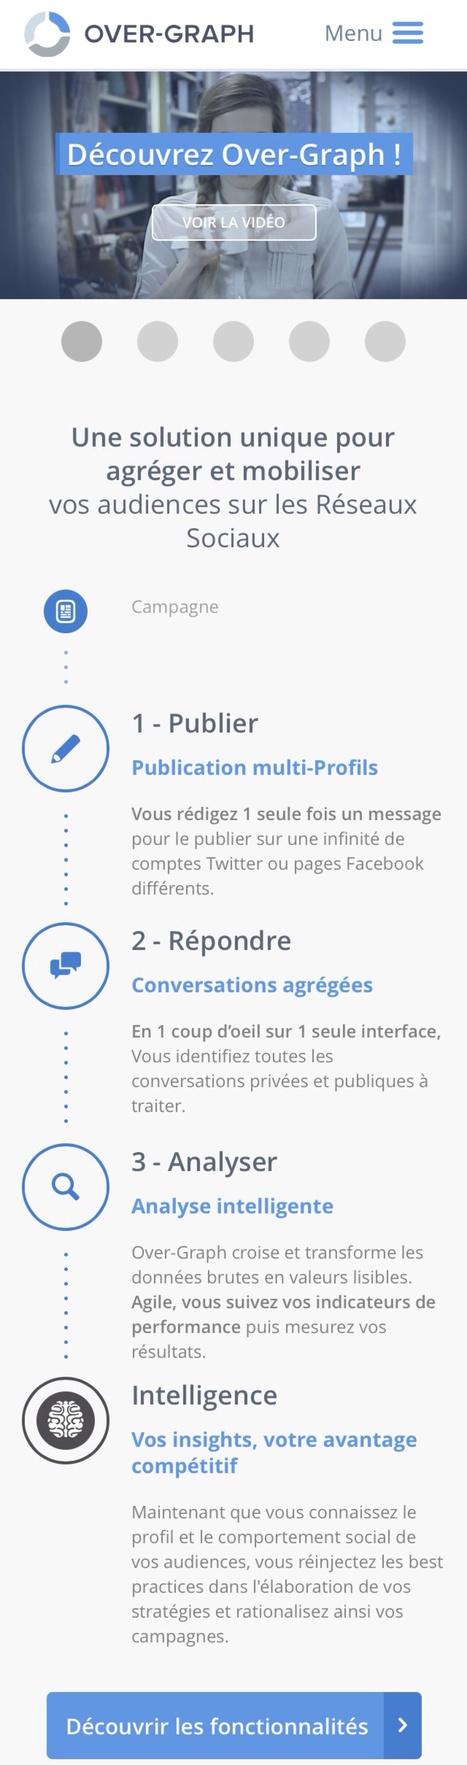 Over-Graph : Une solution unique pour agréger et mobiliser vos audiences sur les Réseaux Sociaux | Web marketing pour le troisième secteur | Scoop.it